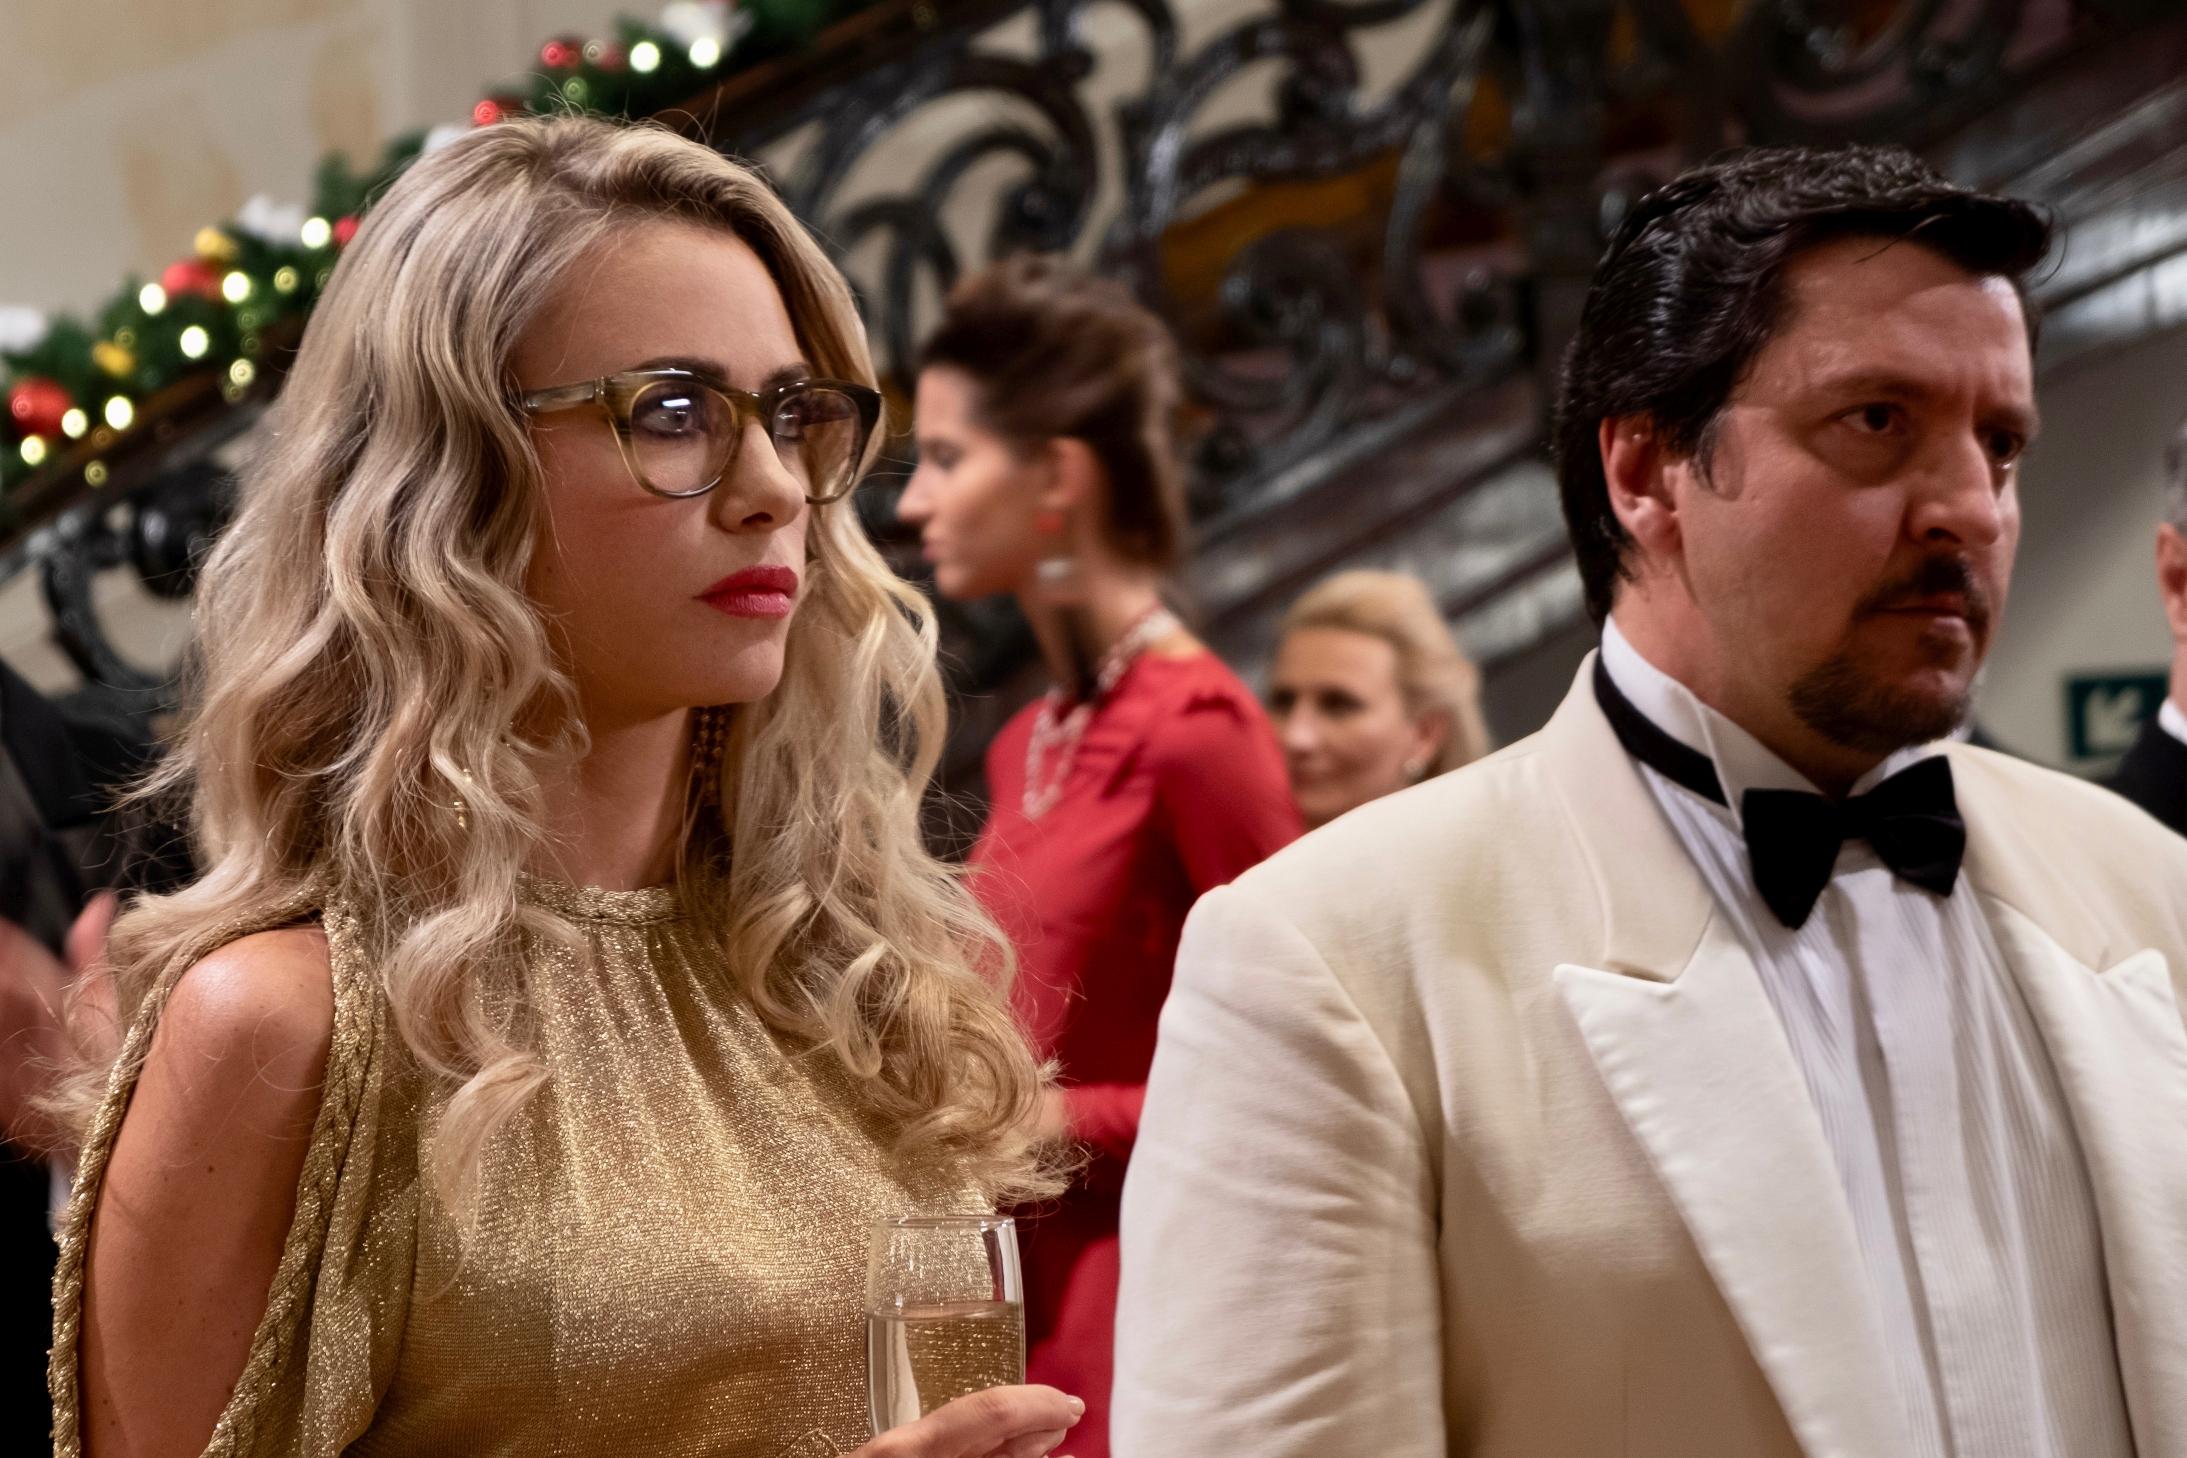 Natale a 5 stelle: una scena con Martina Stella e Ricky Memphis